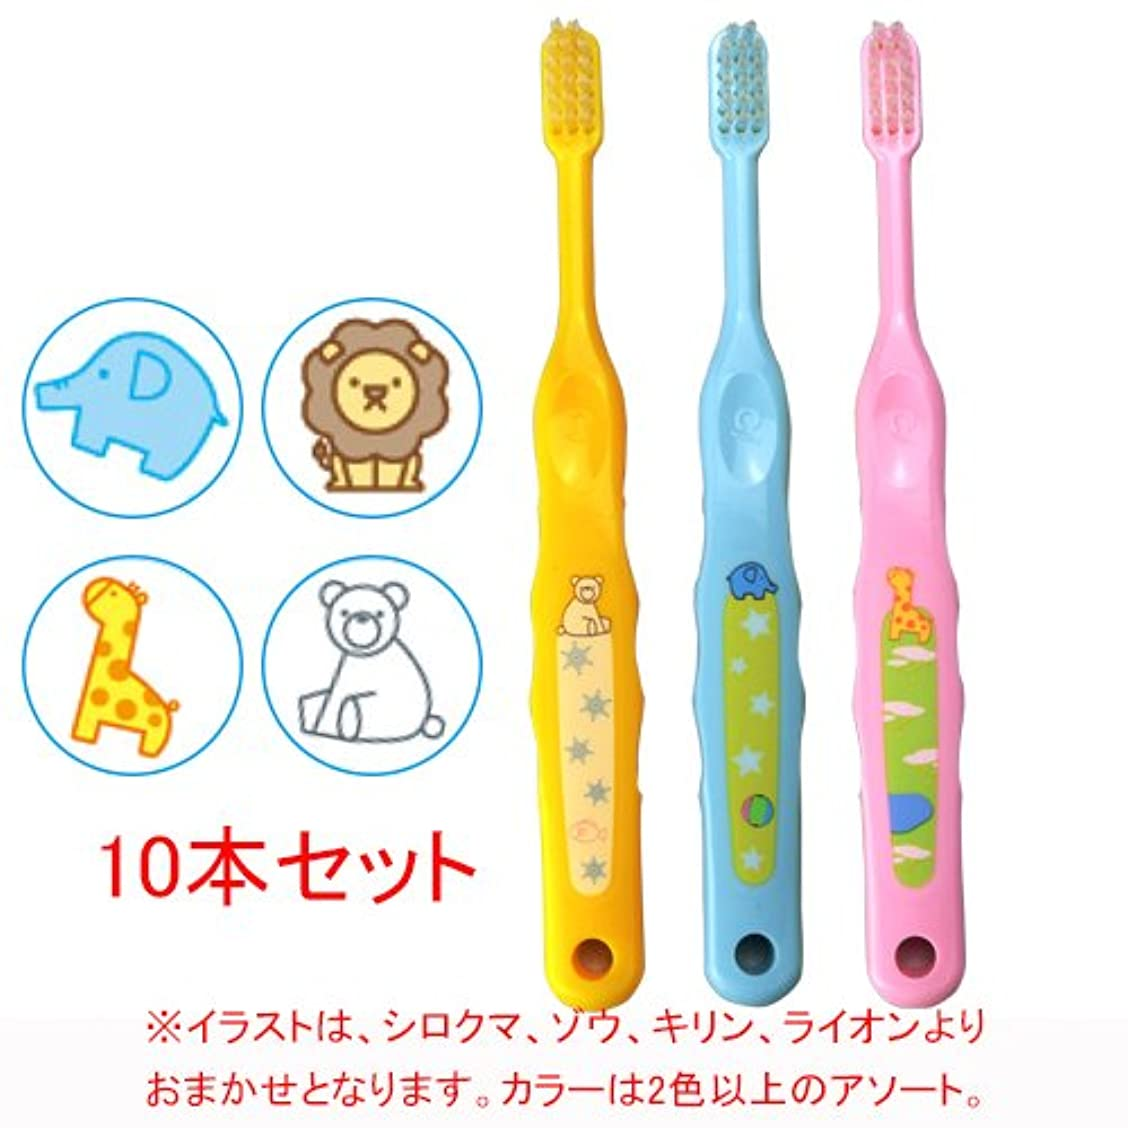 うねるメトロポリタンブロックするCiメディカル Ci なまえ歯ブラシ 503 (やわらかめ) (乳児~小学生向)10本